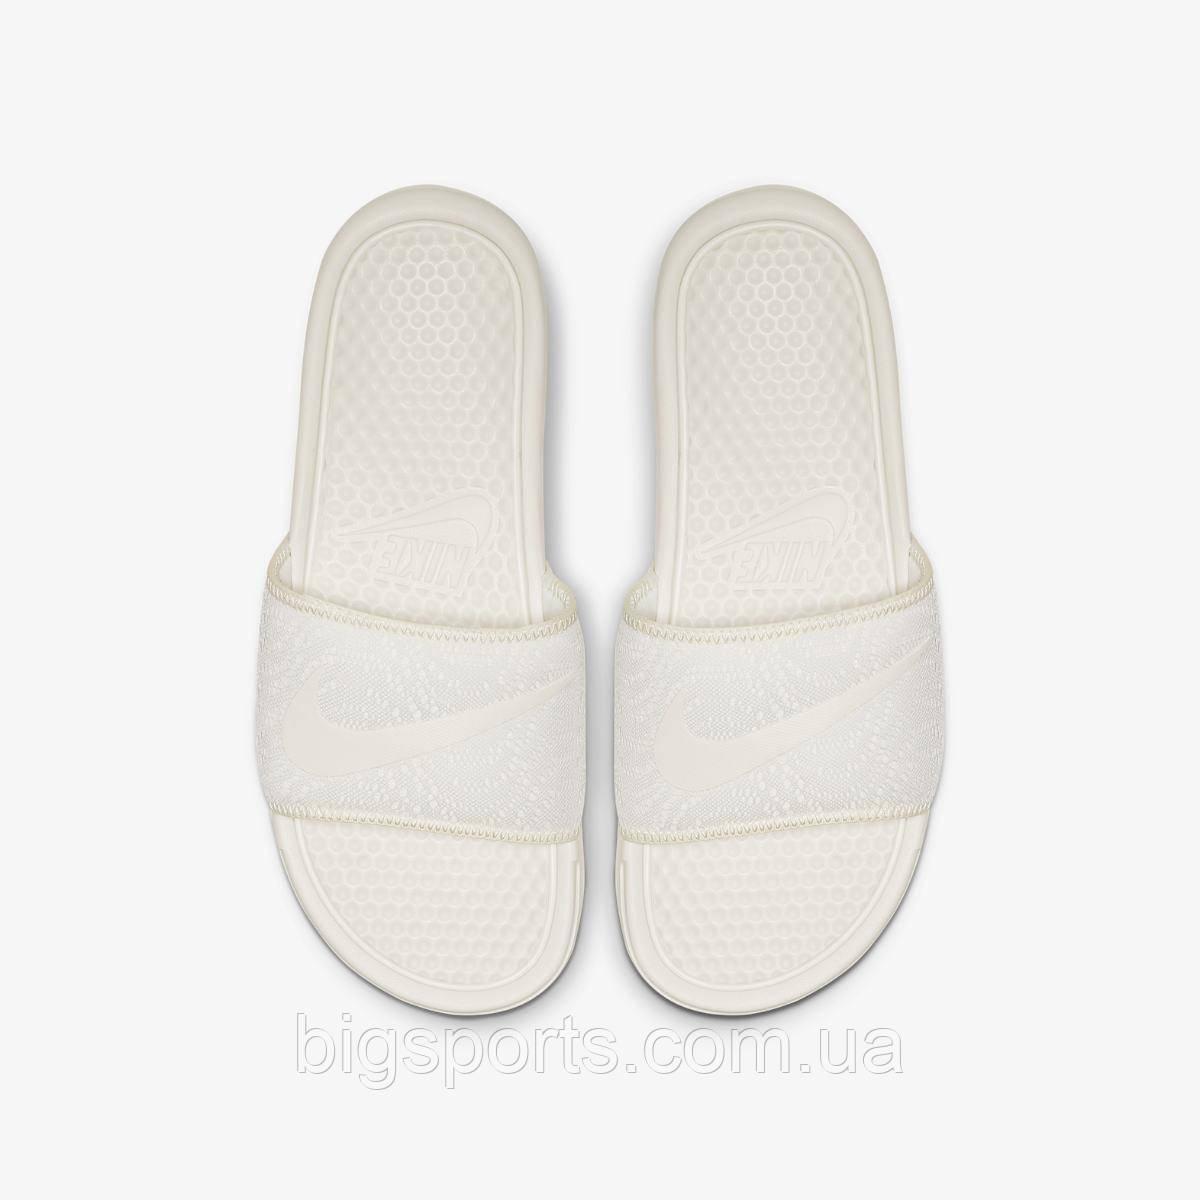 Тапки жен. Nike Wmns Benassi Jdi Txt Se (арт. AV0718-100)